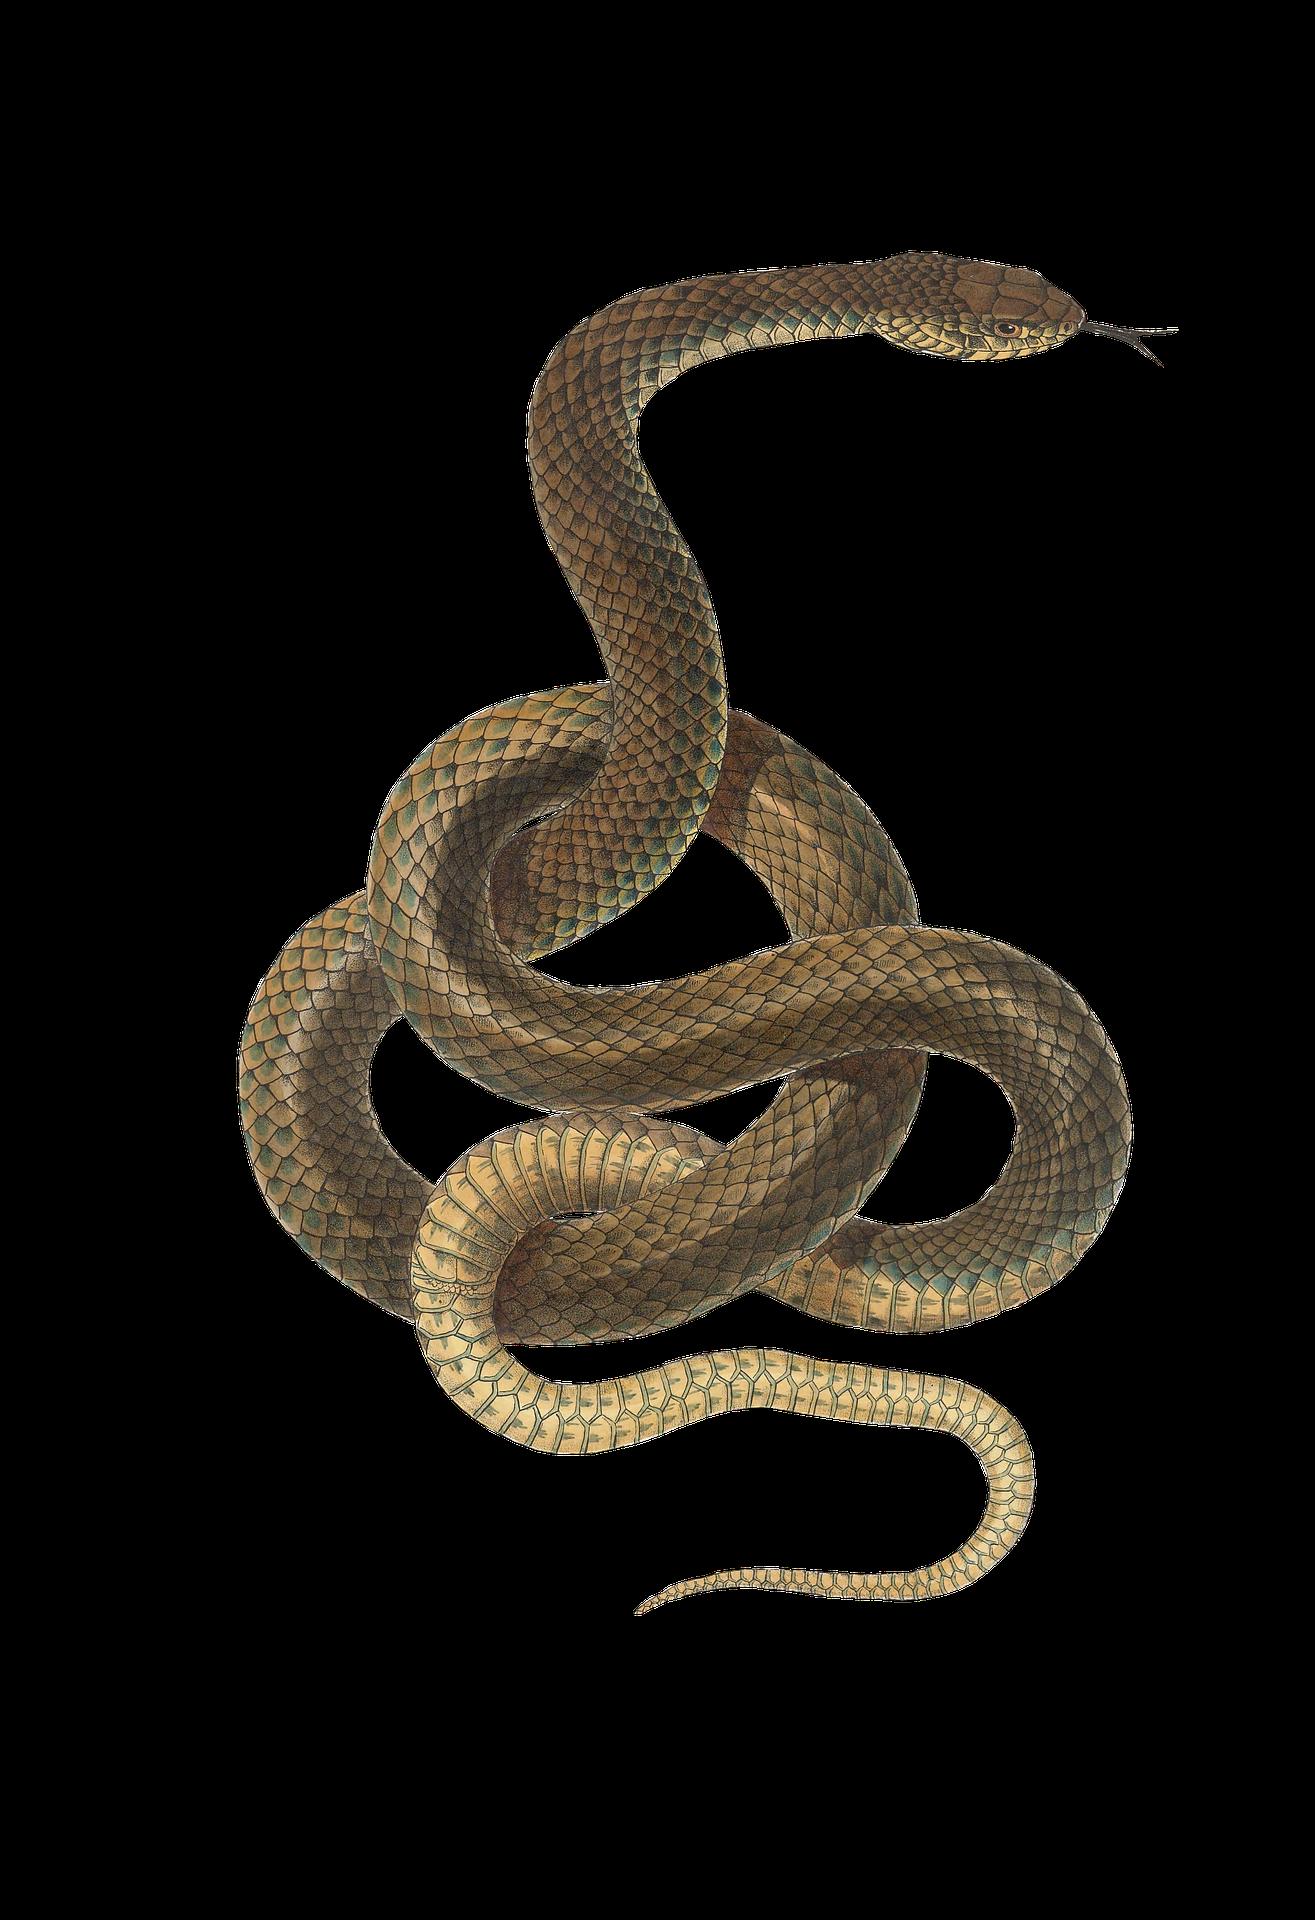 snake-2082037_1920